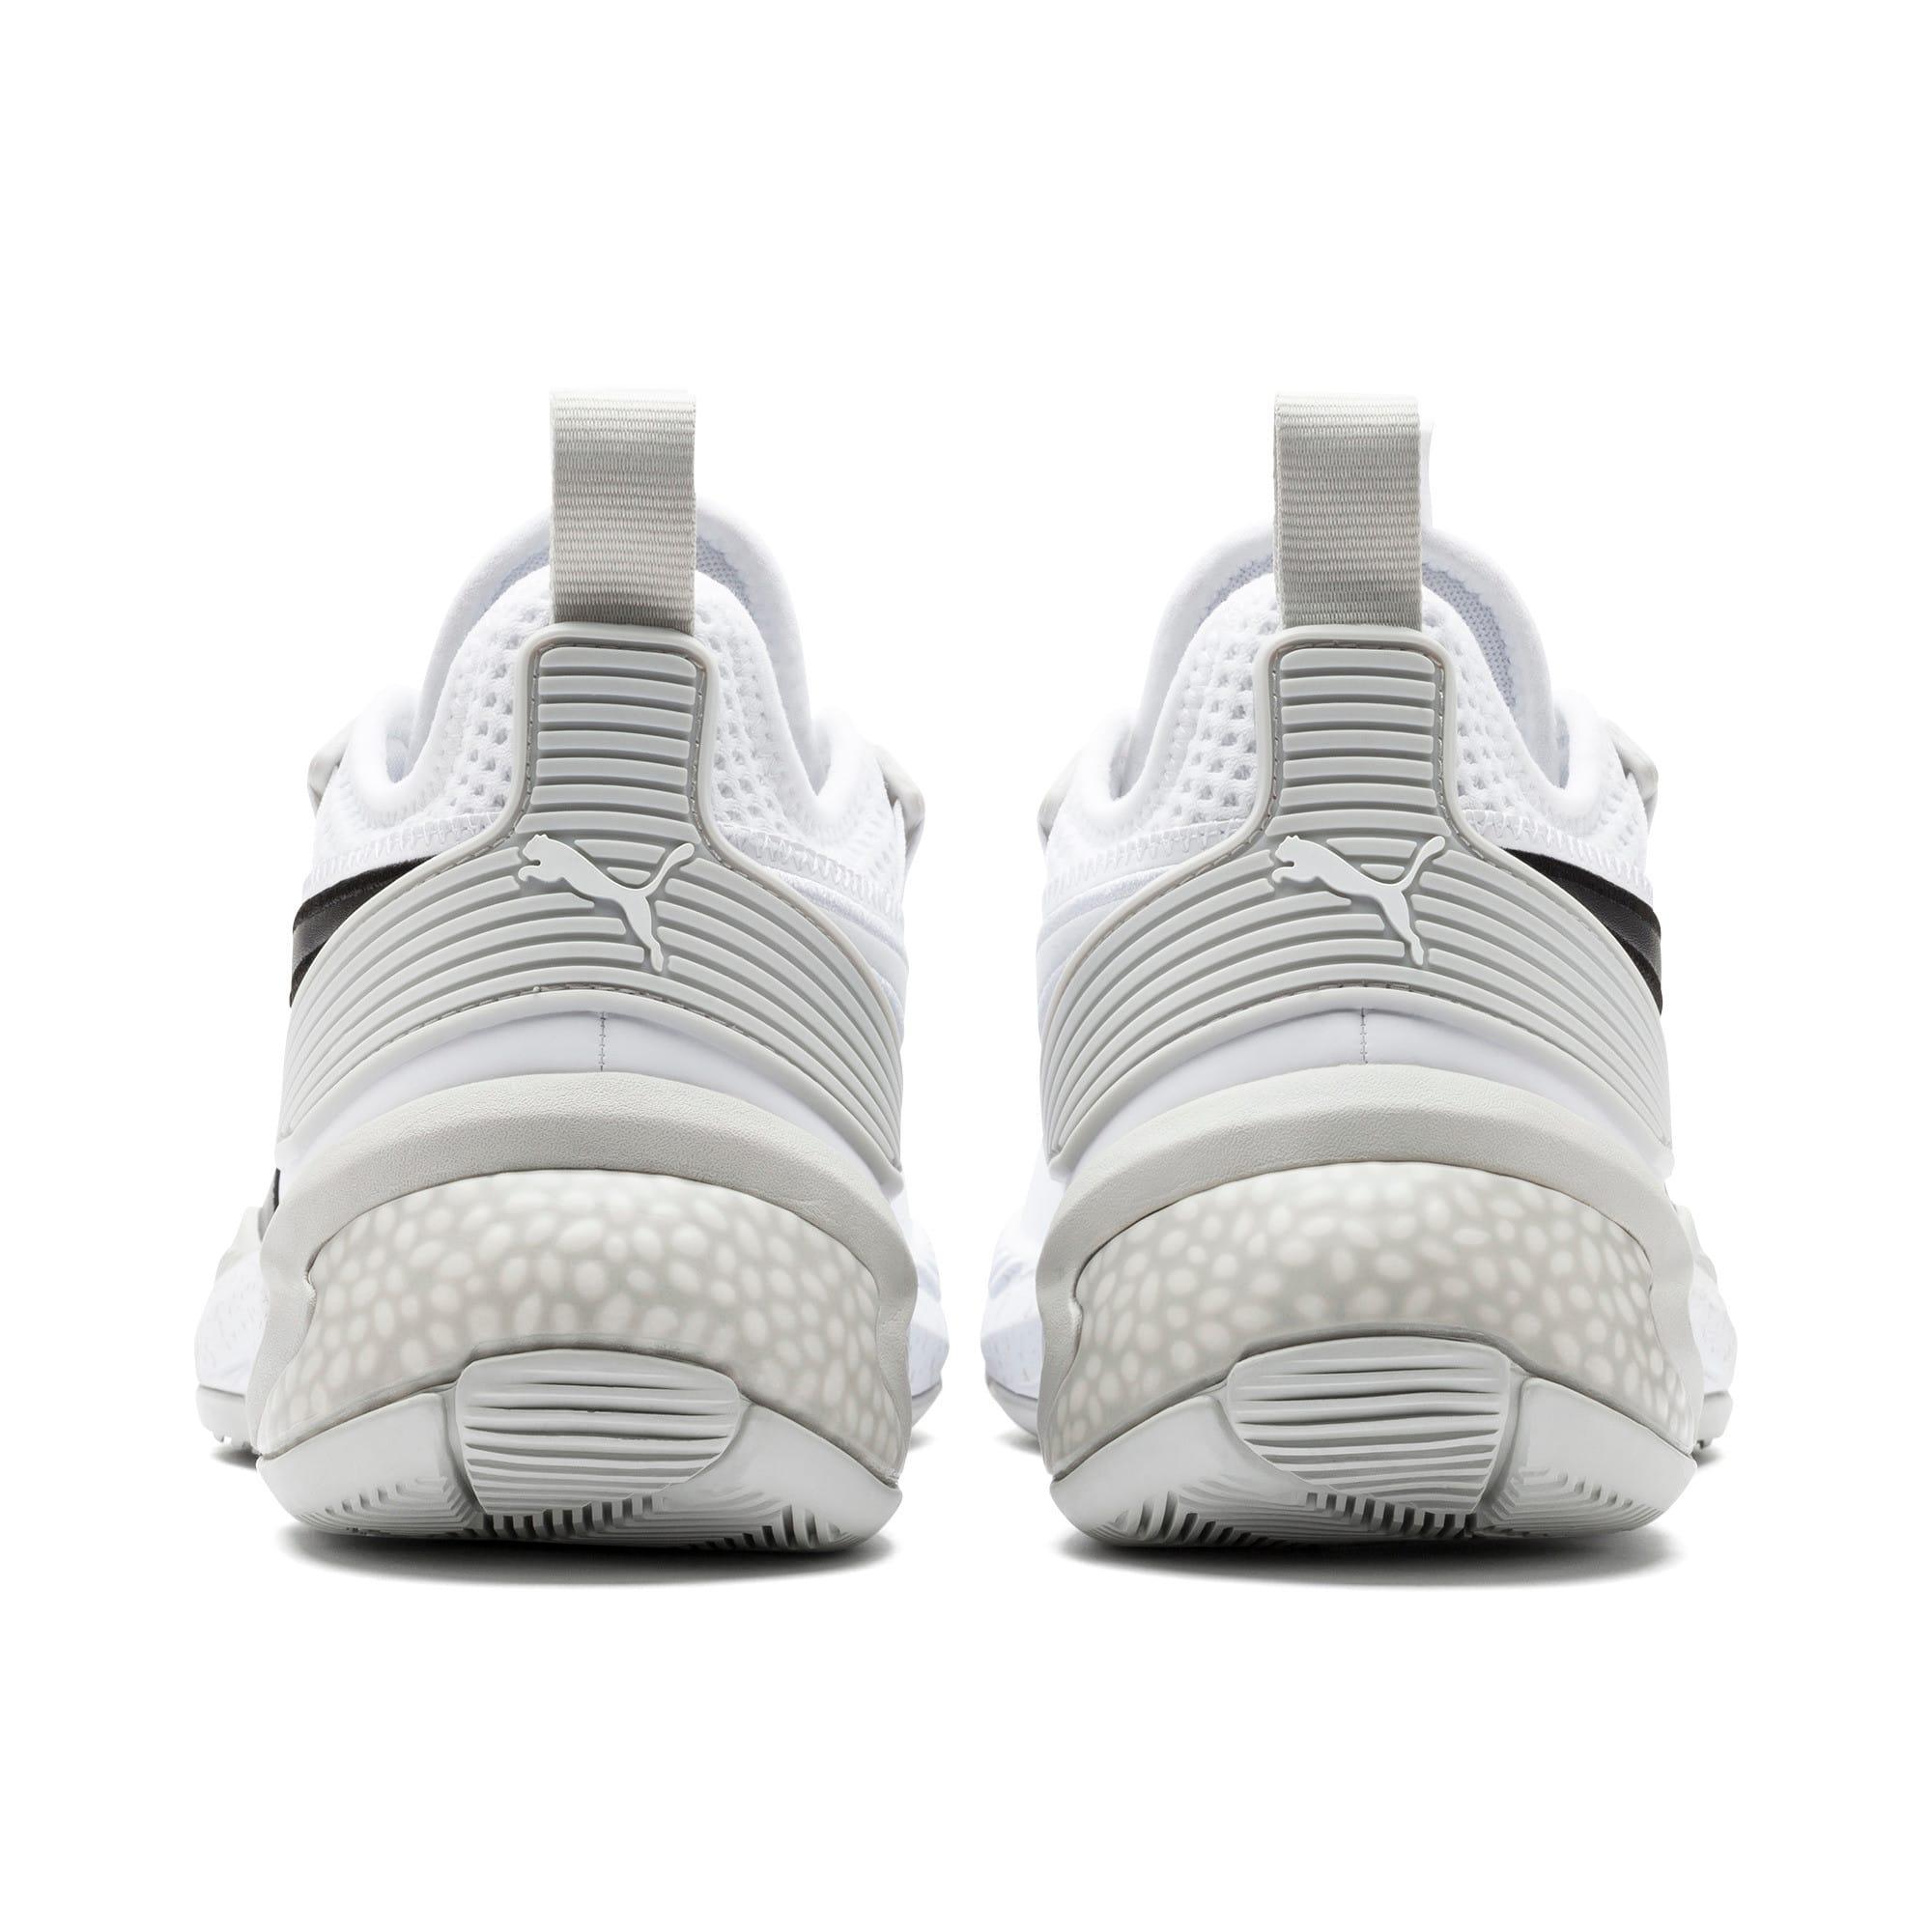 Imagen en miniatura 3 de Zapatillas de baloncesto de hombre Uproar Core, Puma White-Glacier Gray, mediana